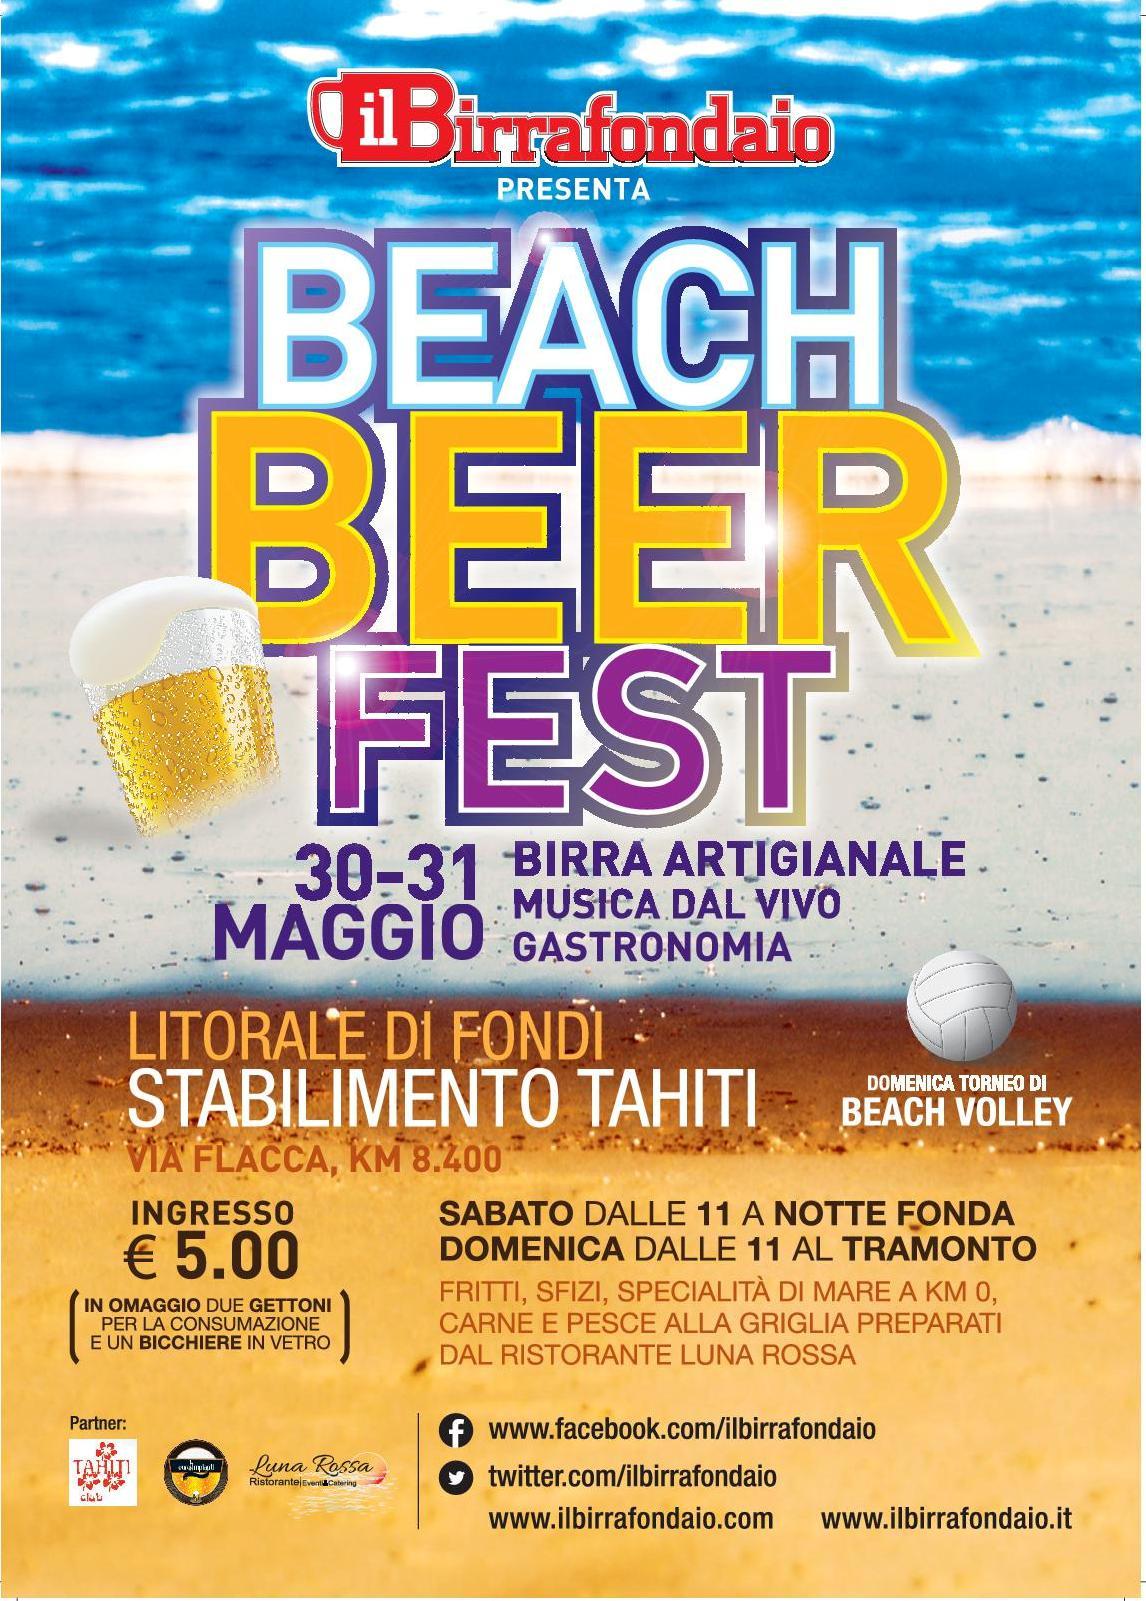 Beach Beer Fest, a Fondi due giornate all'insegna della birra e del divertimento